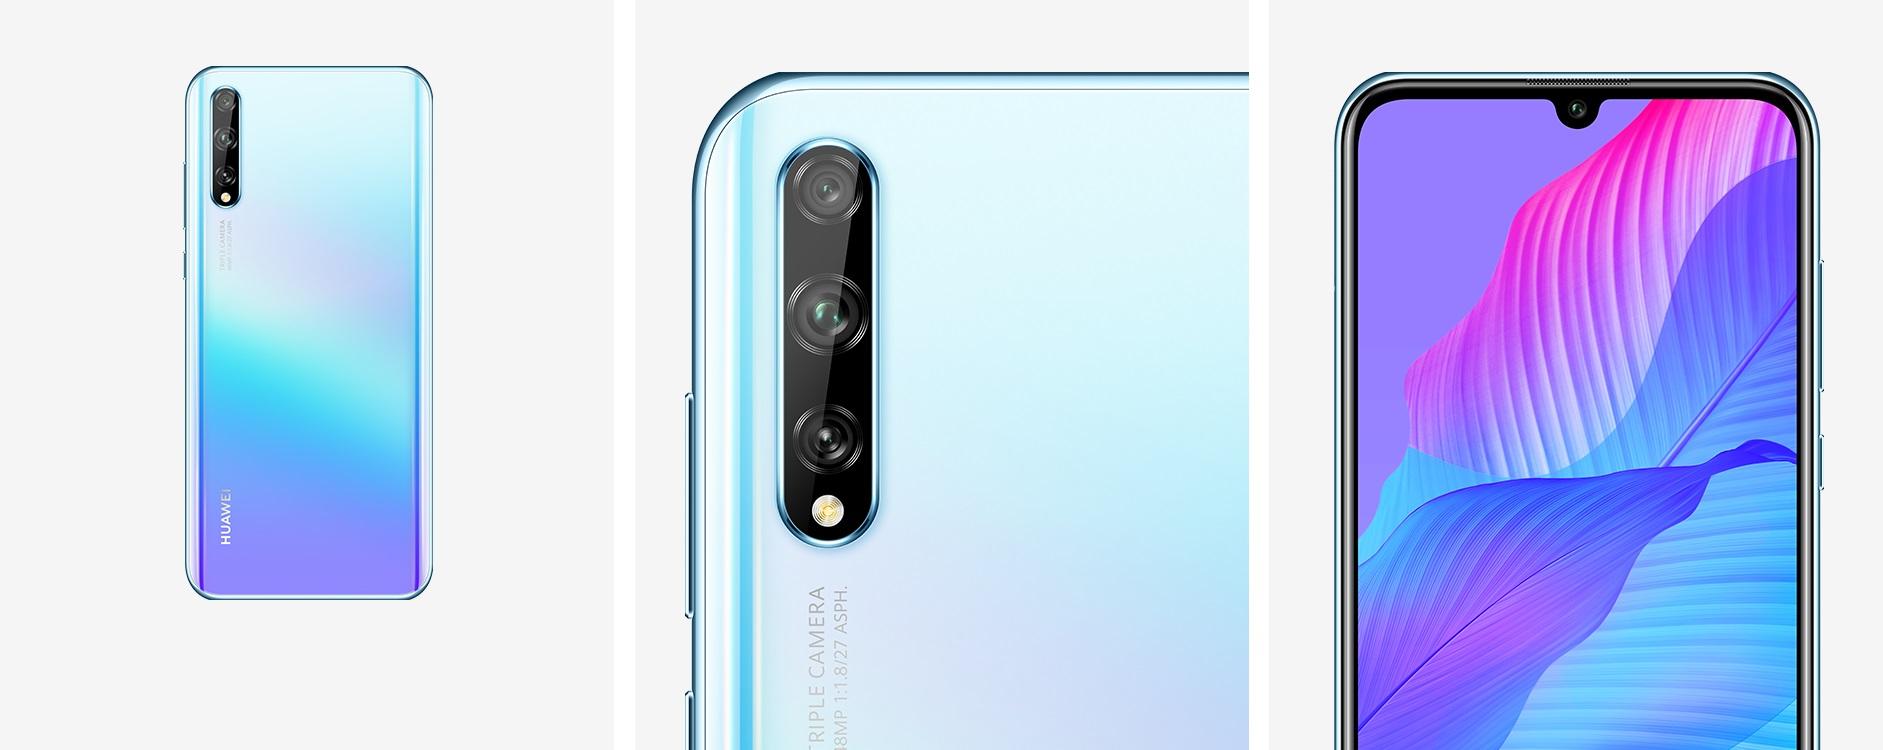 Huawei Y8p smartphone